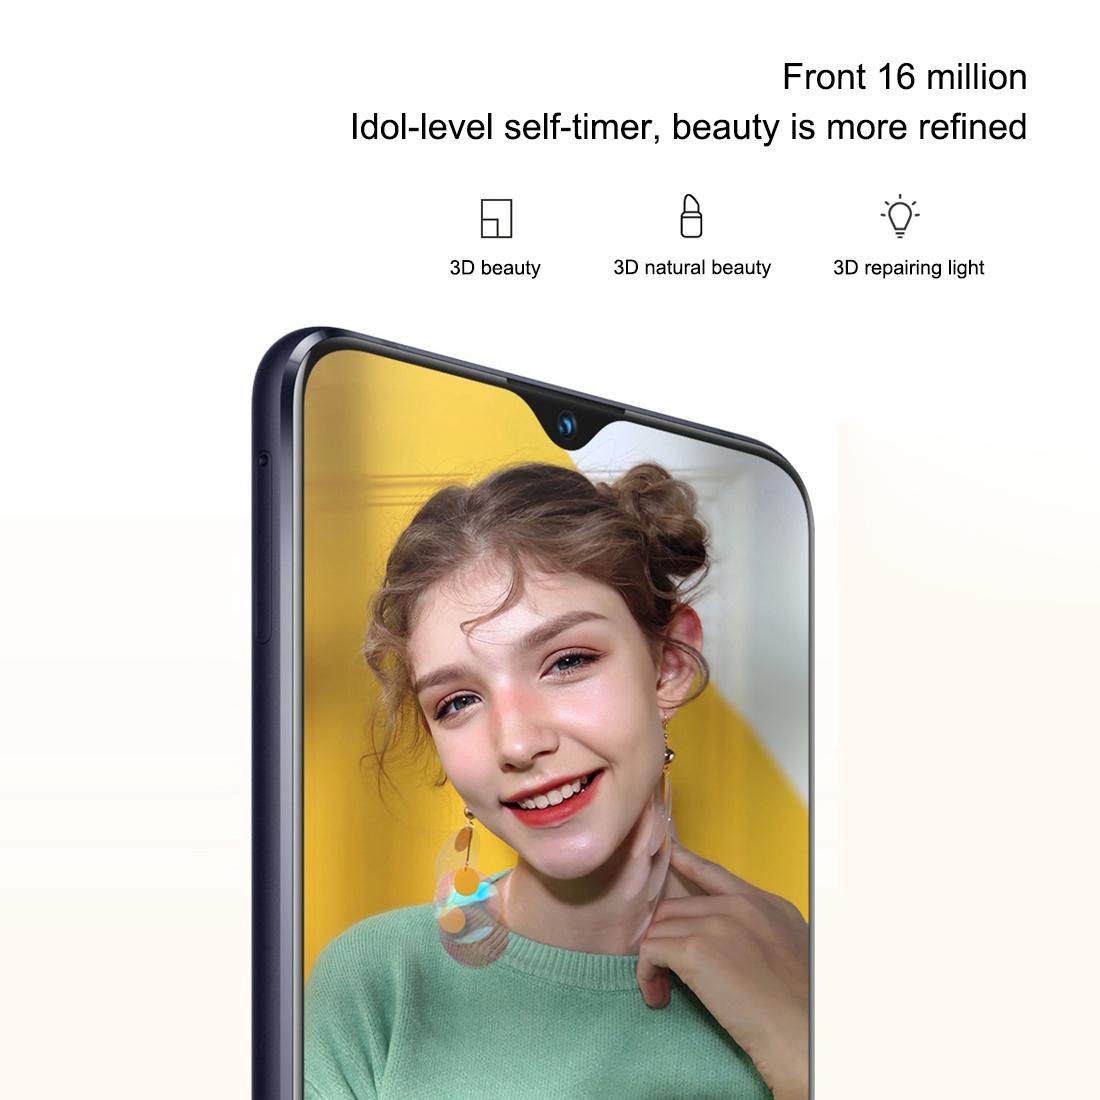 i.ibb.co/DtFhYWg/Smartphone-6-GB-de-RAM-128-GB-de-ROM-Lenovo-Z5s-15.jpg